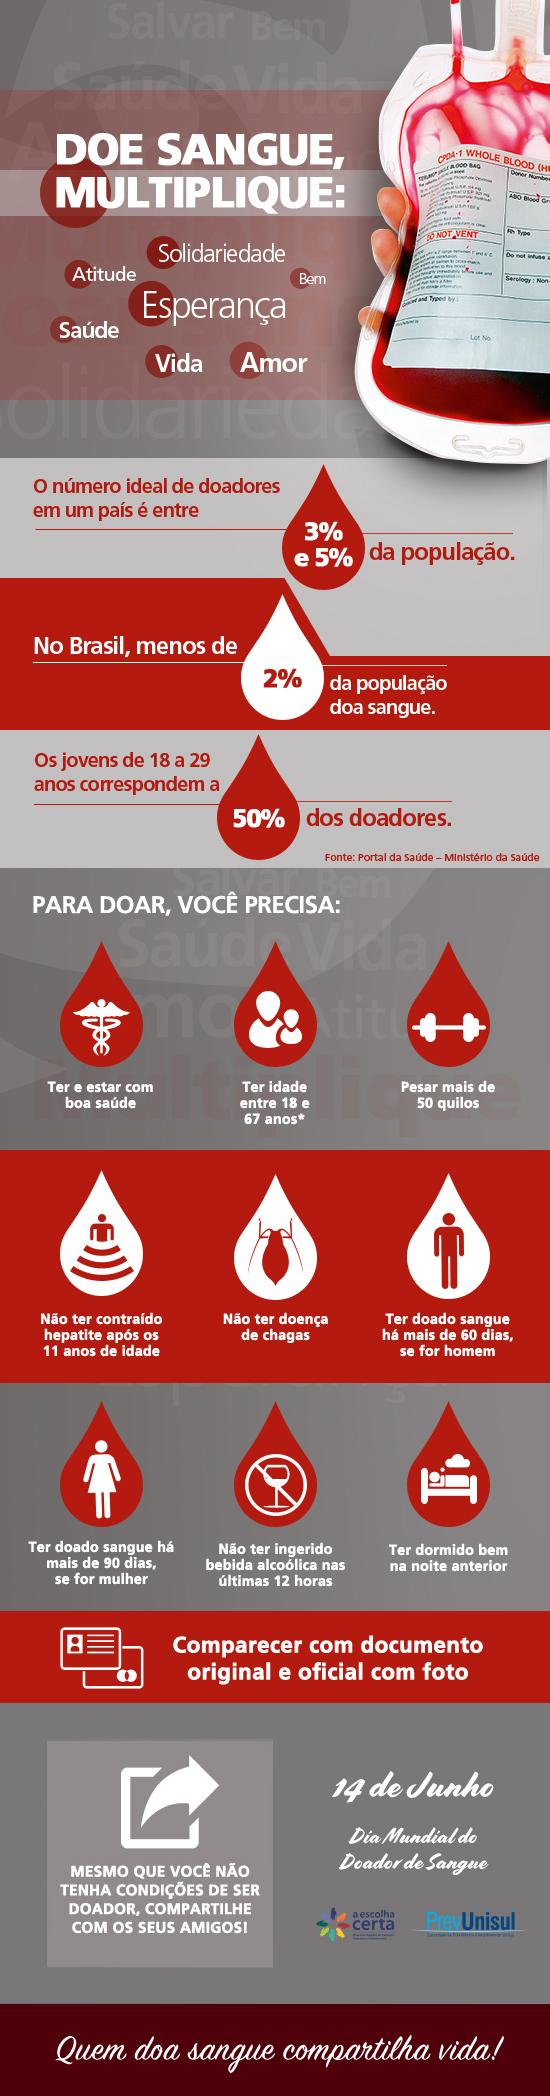 infografico_dia_doador_sangue_prevunisul